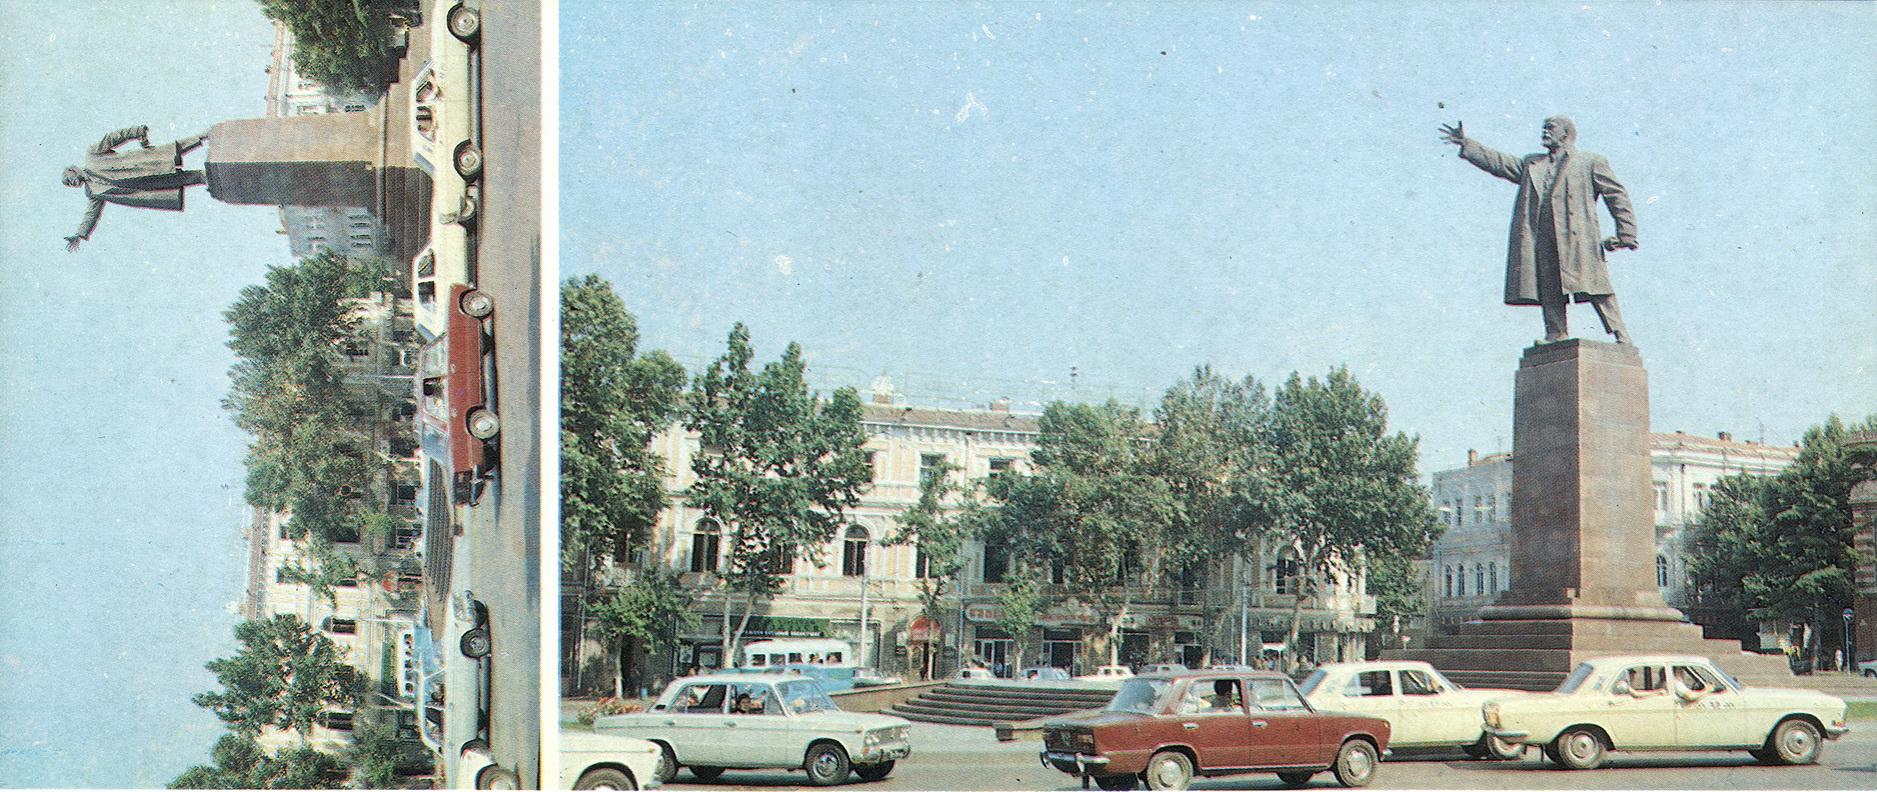 Tbilisi - Lenin Square_resize